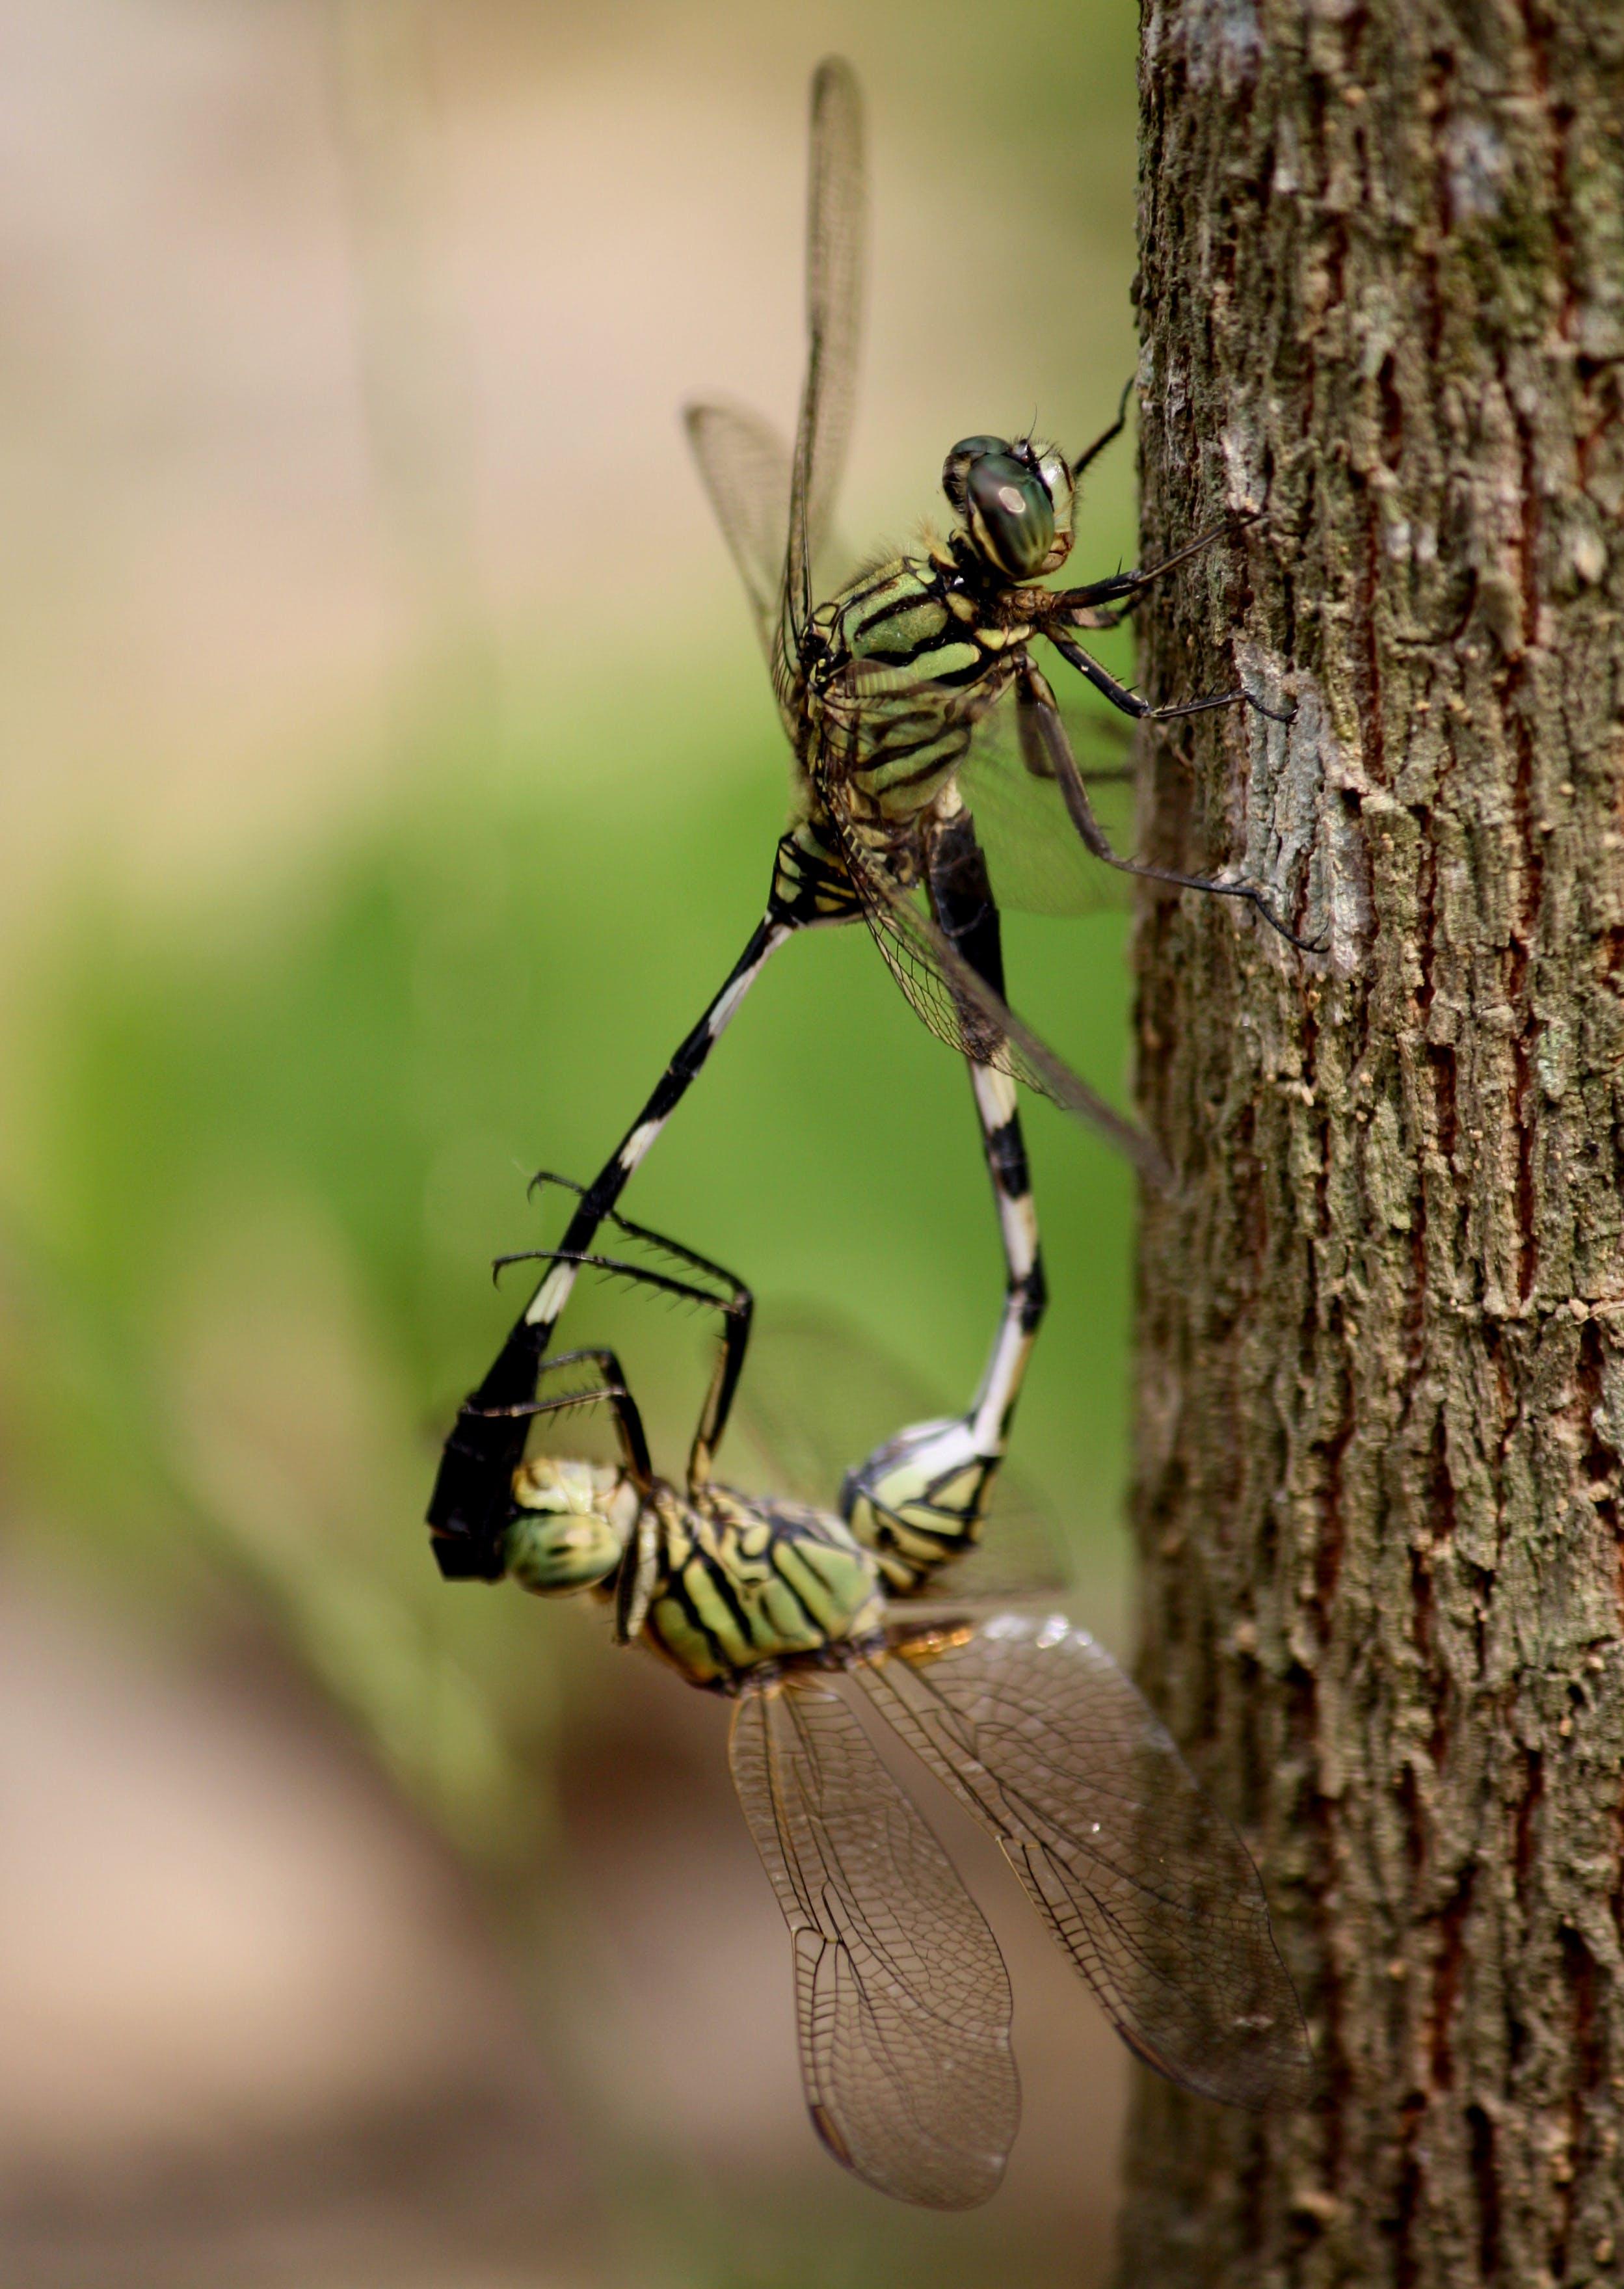 Fotos de stock gratuitas de alas, animales, efecto desenfocado, entomología